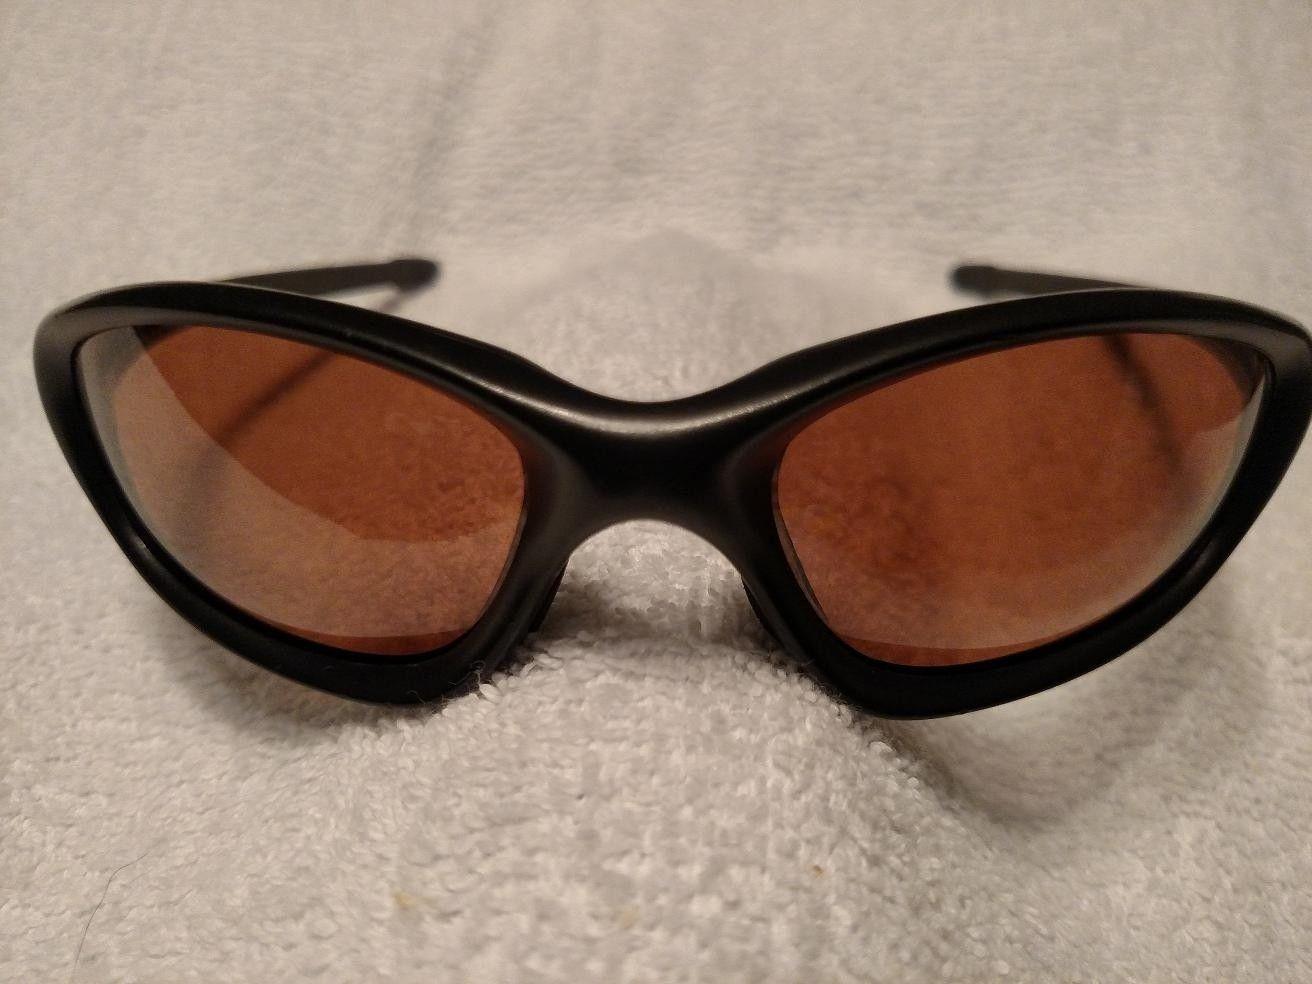 9 Vintage Oakleys ALL One Money + Bonus - img_20150517_211928494-jpg.152334.jpg